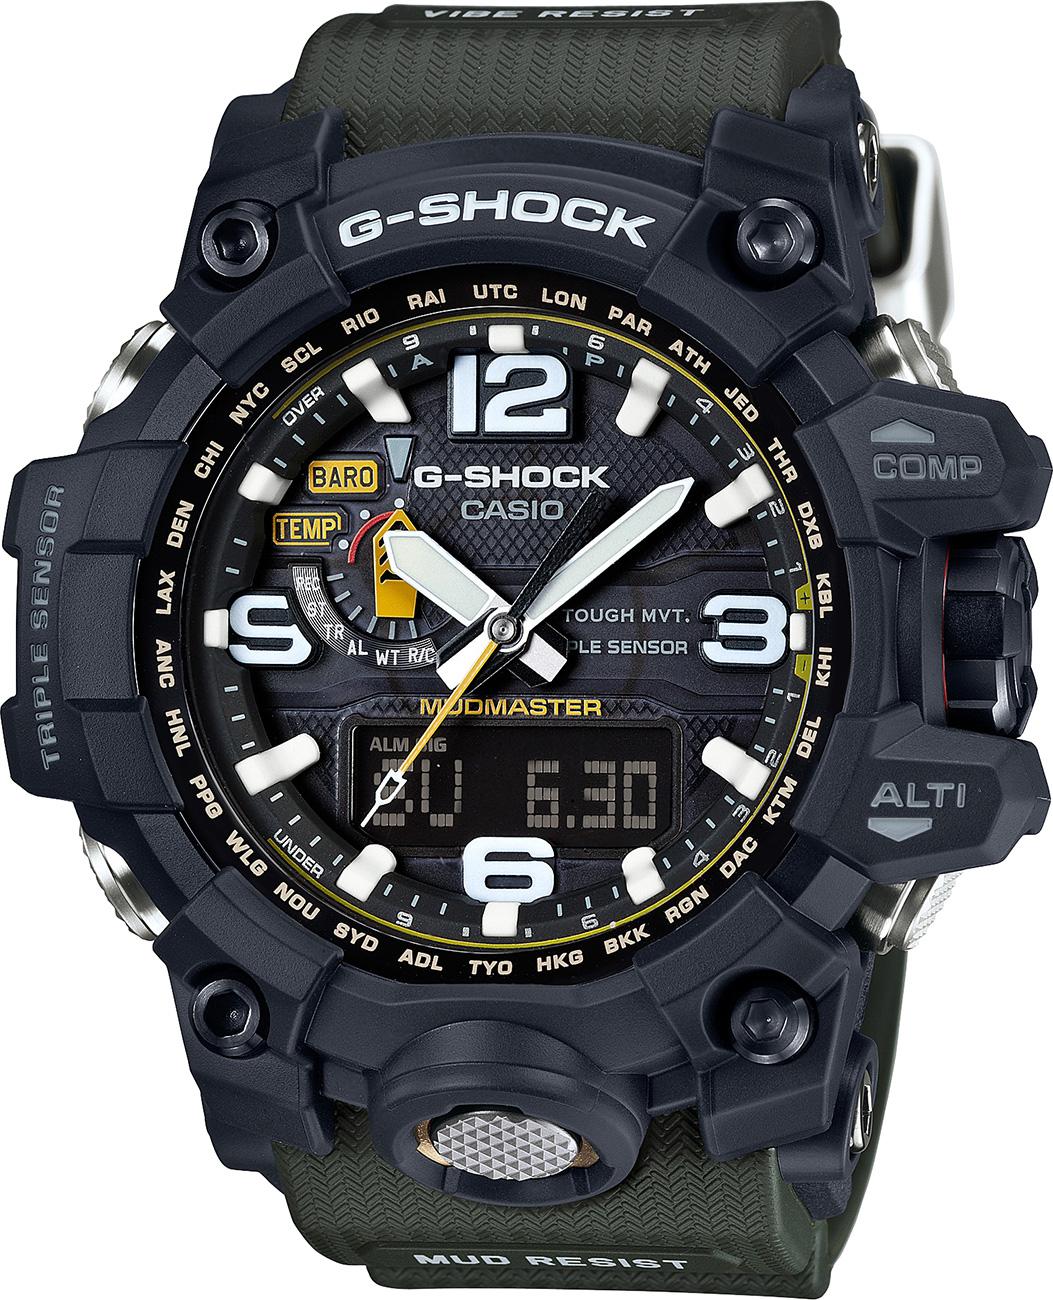 Если вы хотите не только иметь необходимые для спортсмена функции, но также и ударопрочность и модный дизайн привлекающий внимание, то вам следует обратить внимание на часы серии g-shock.